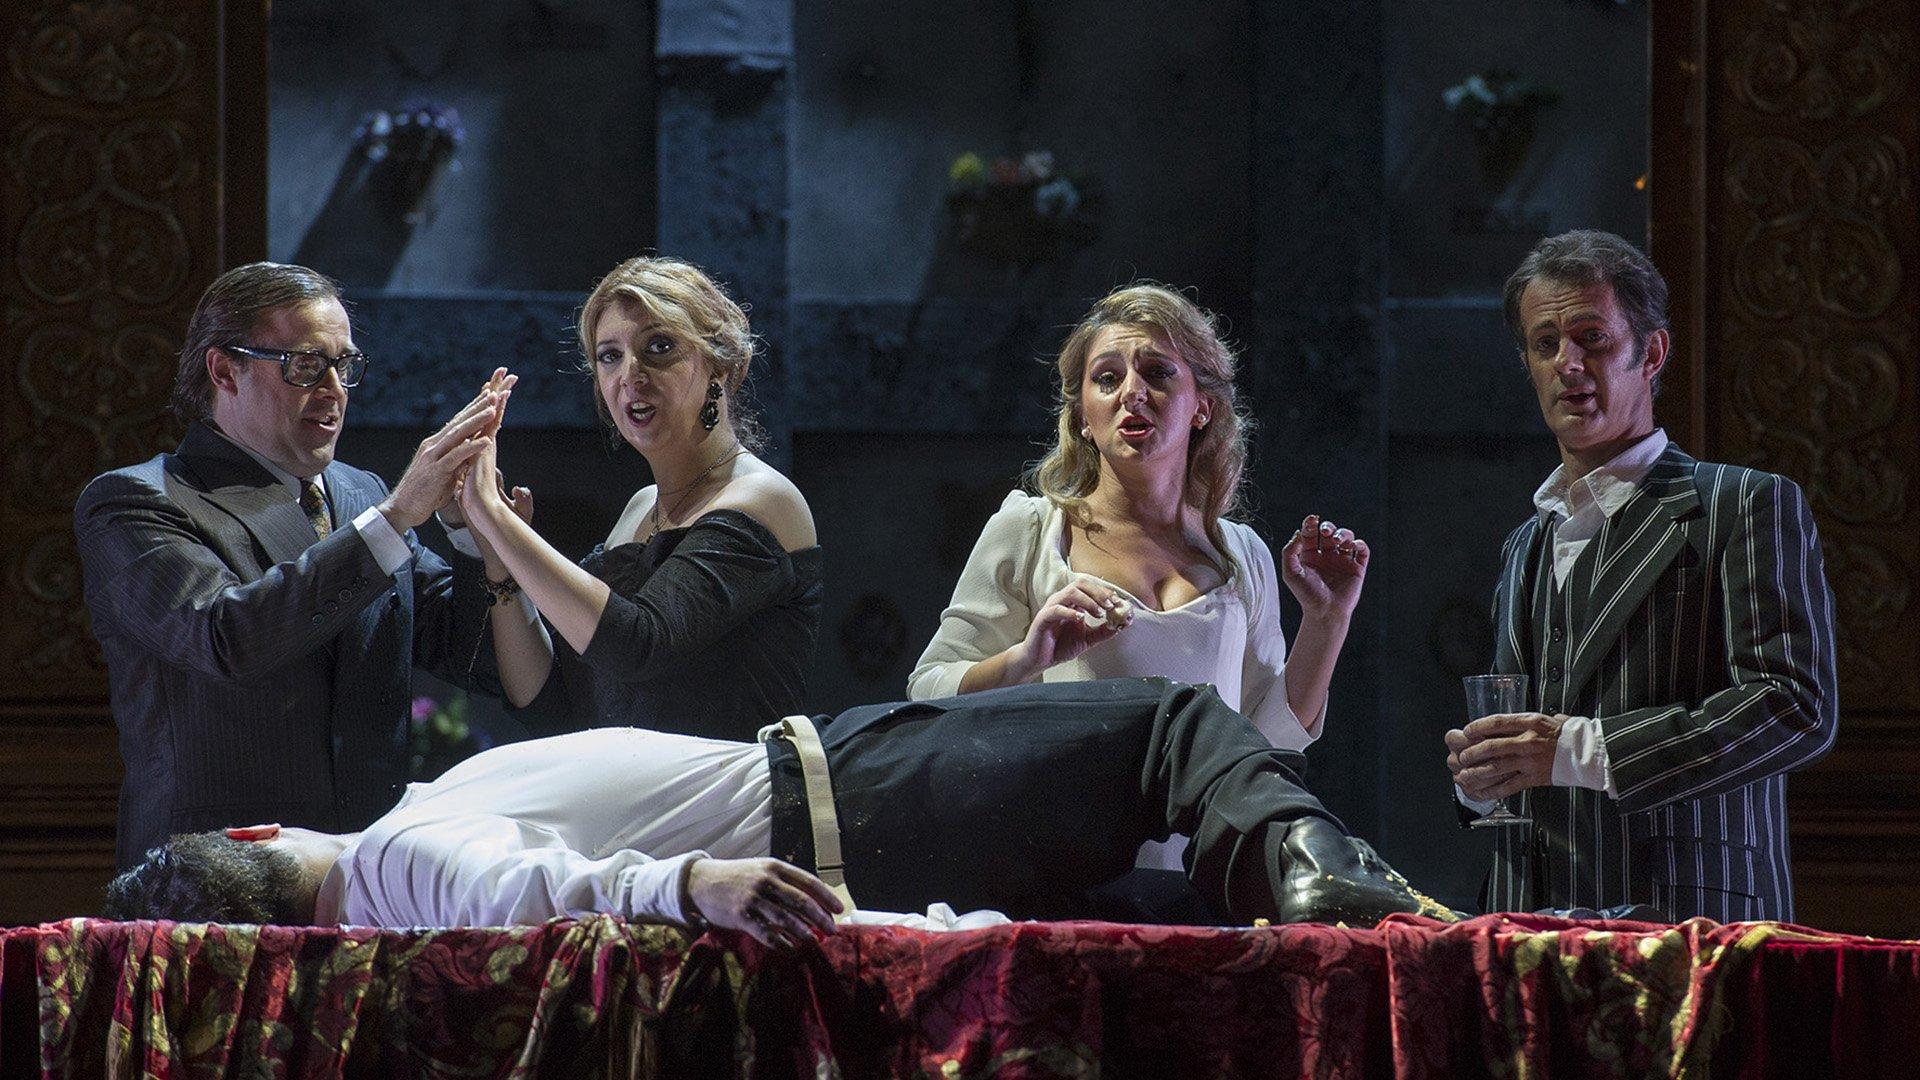 Don Giovanni es una obra cargada de comicidad y, a la vez, atravesada por la tragedia